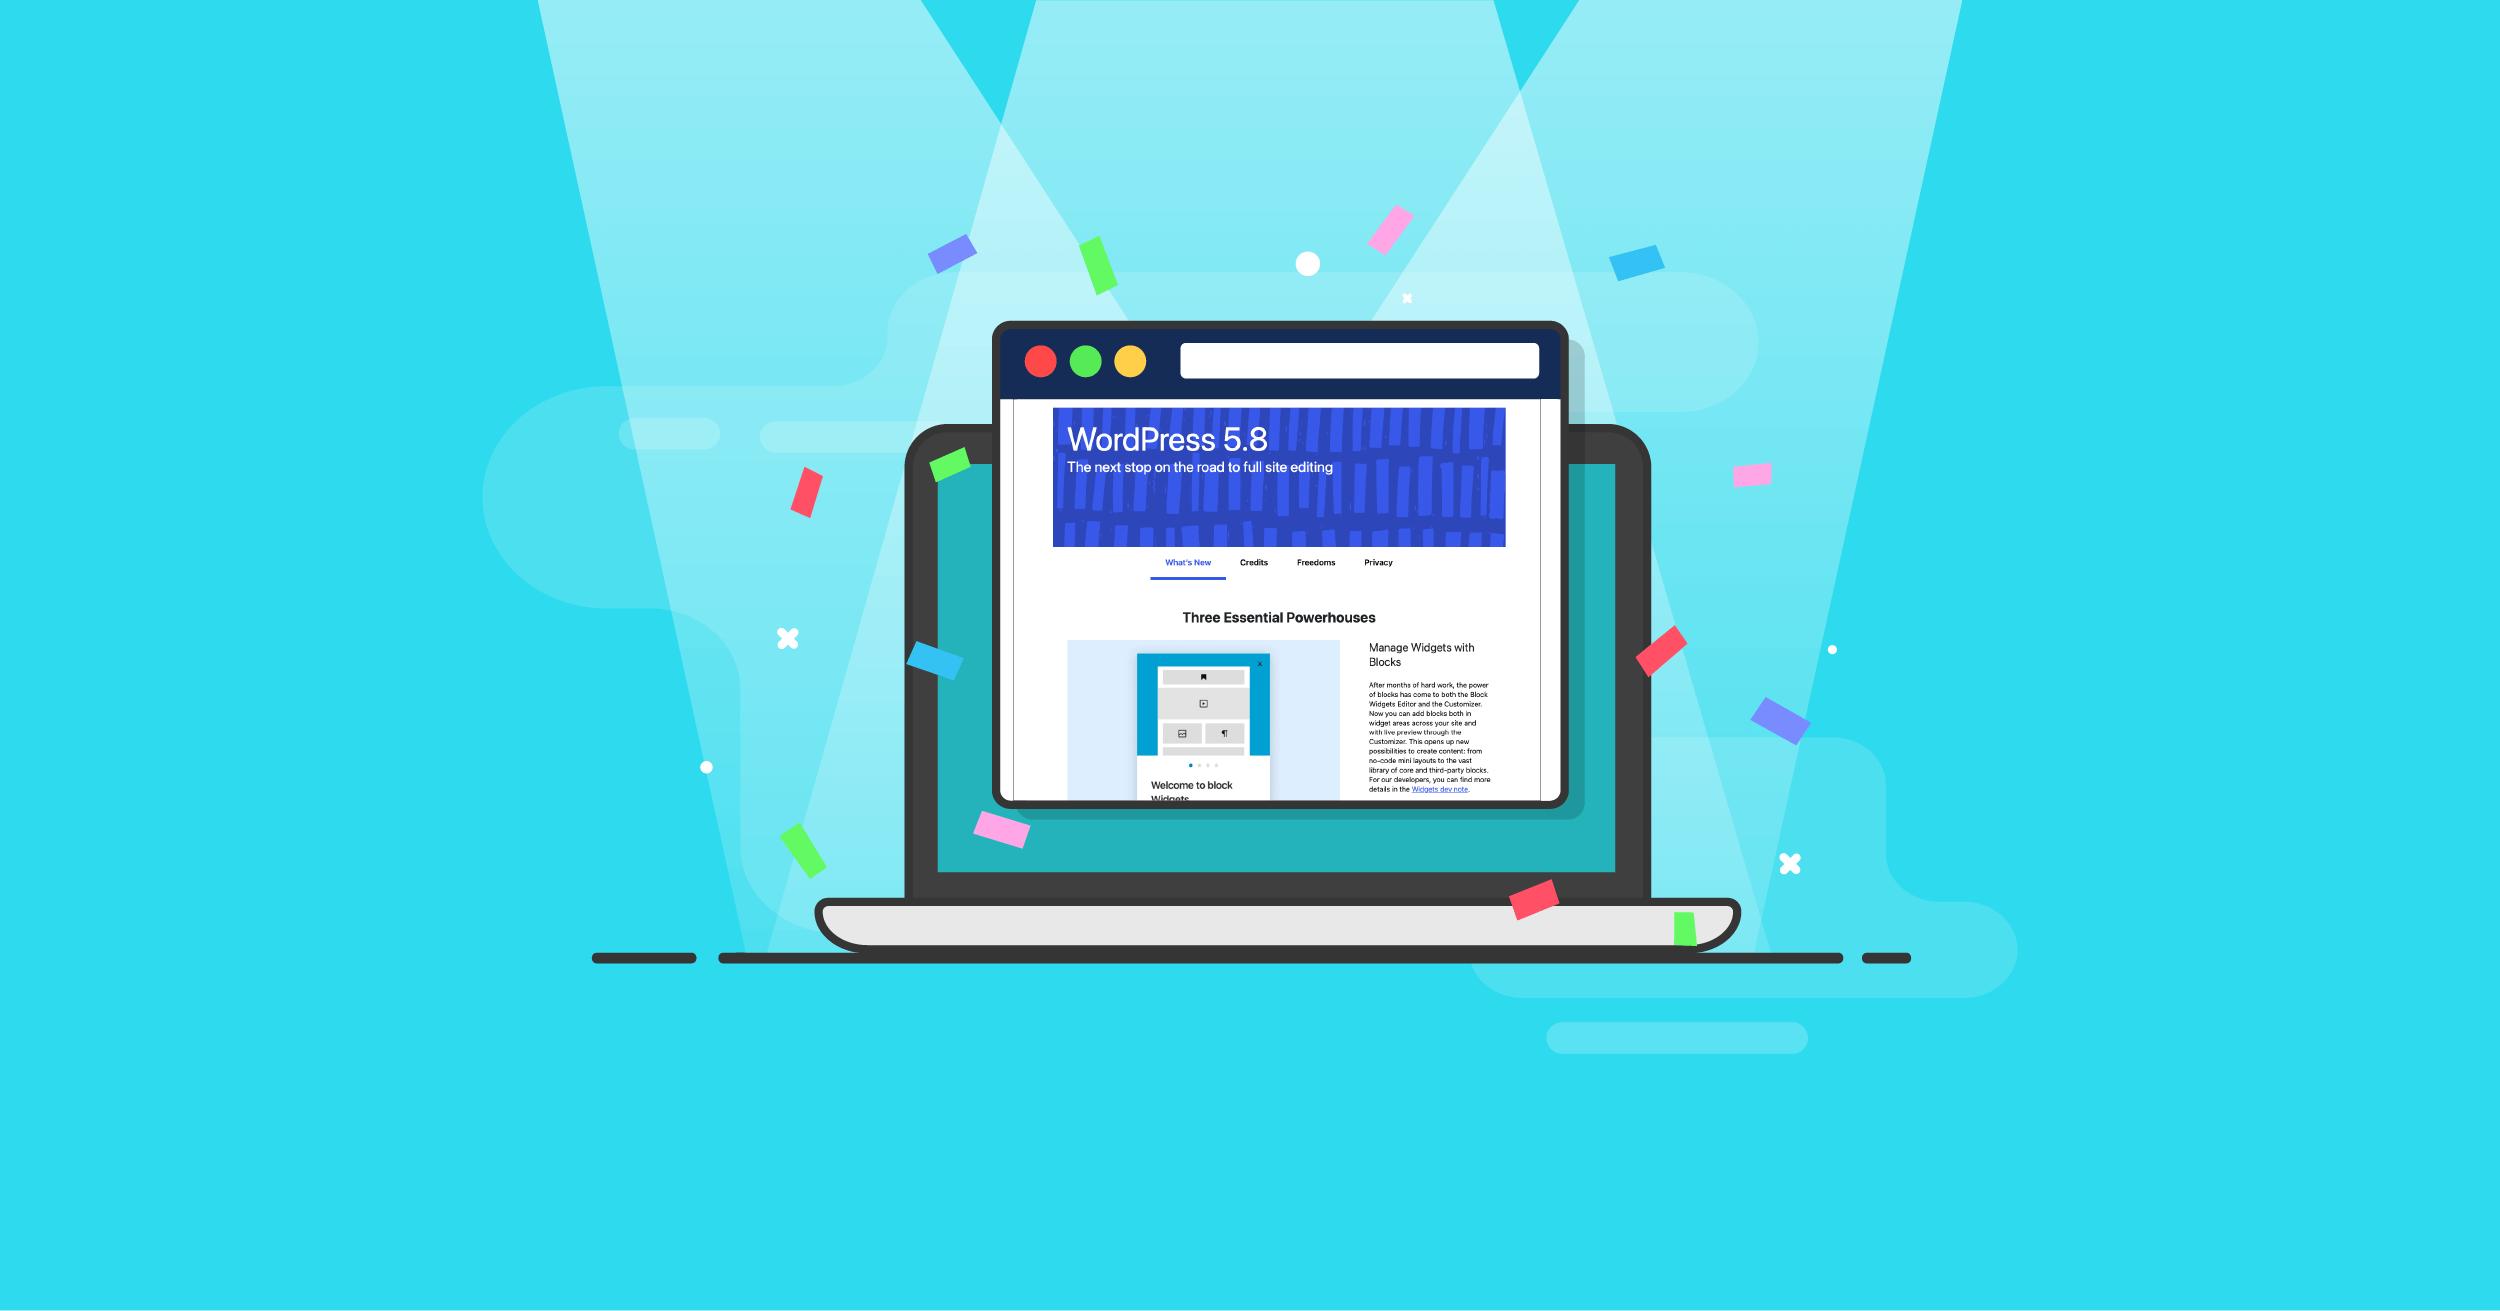 WordPress 5 8 guide WordPress 5.8: Top 20 Features & Improvements 1